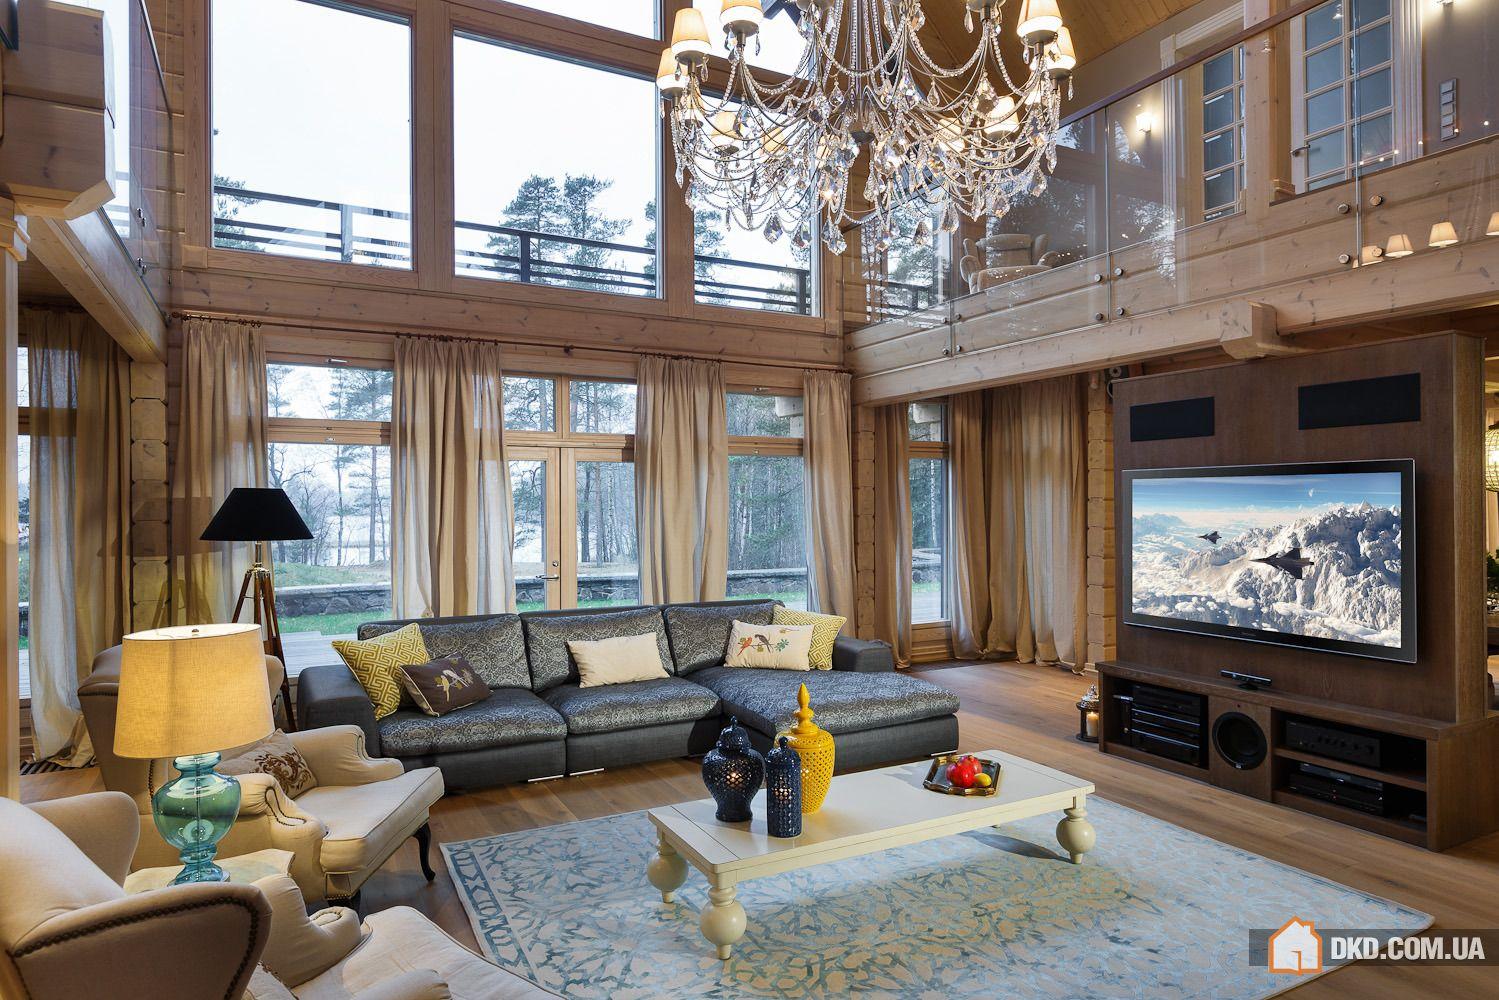 Лучшие дома россии интерьер фото